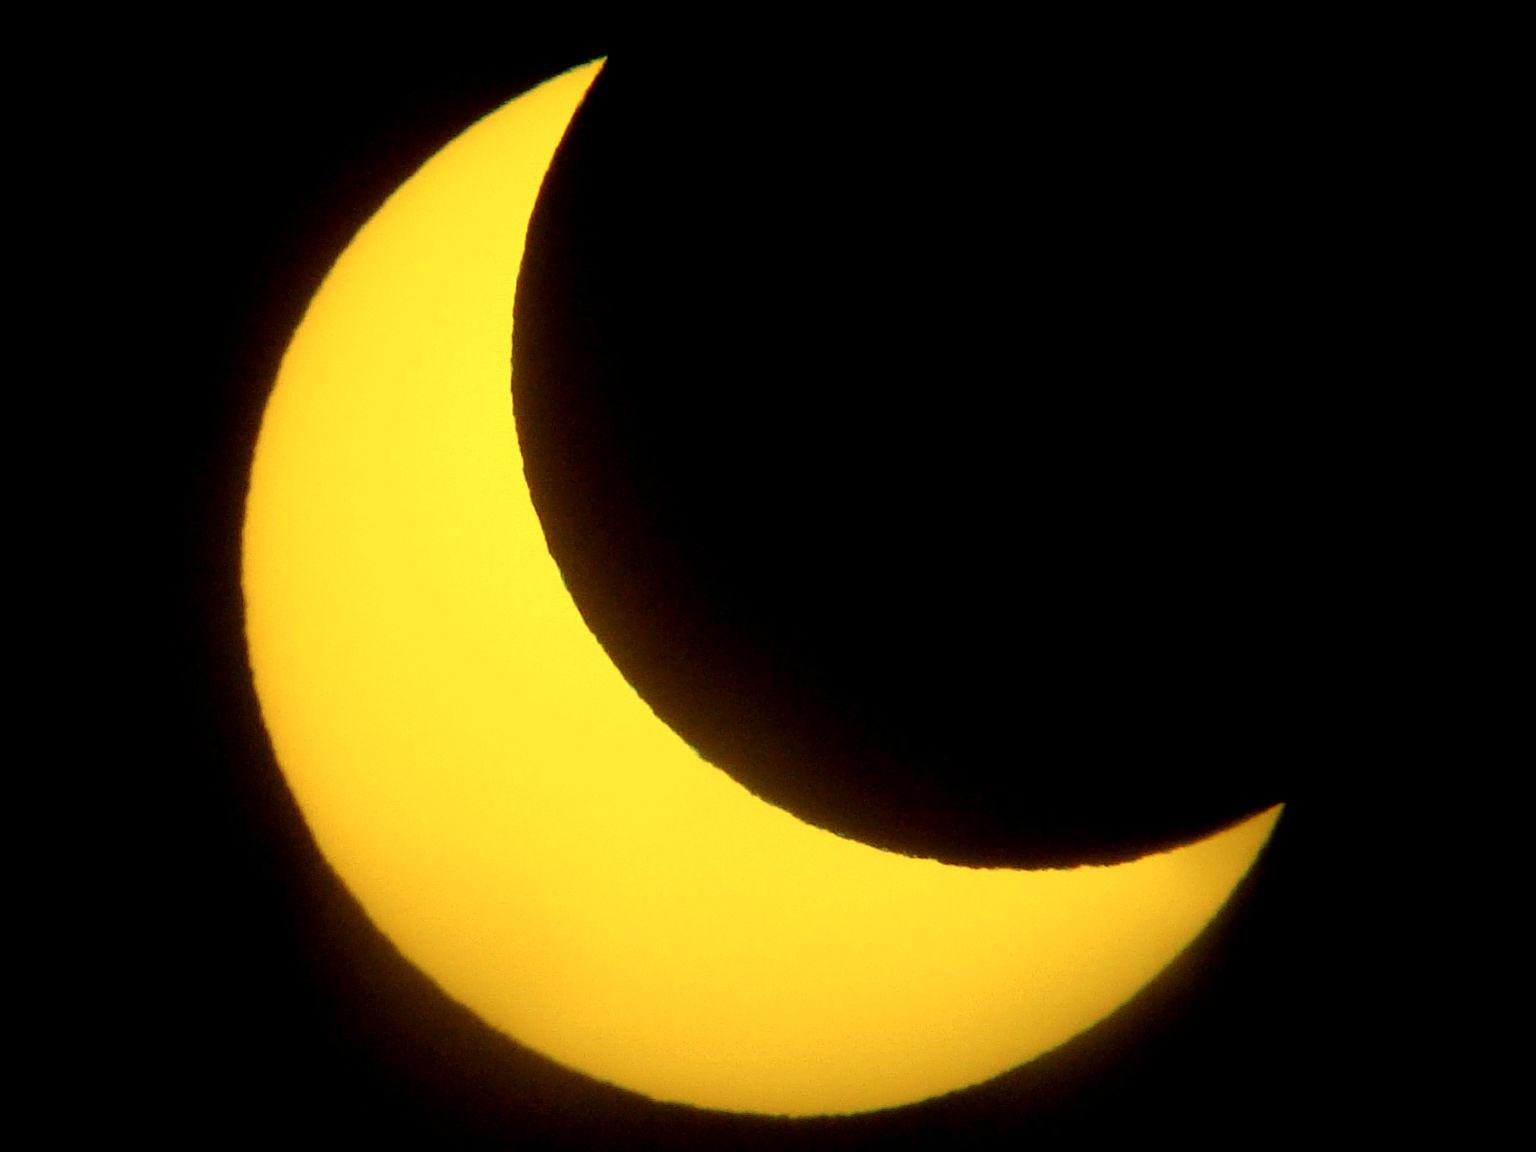 Delni Sončev mrk, kakršnega bomo lahko opazovali na javnem opazovanju. Foto: Danilo Žmegač.